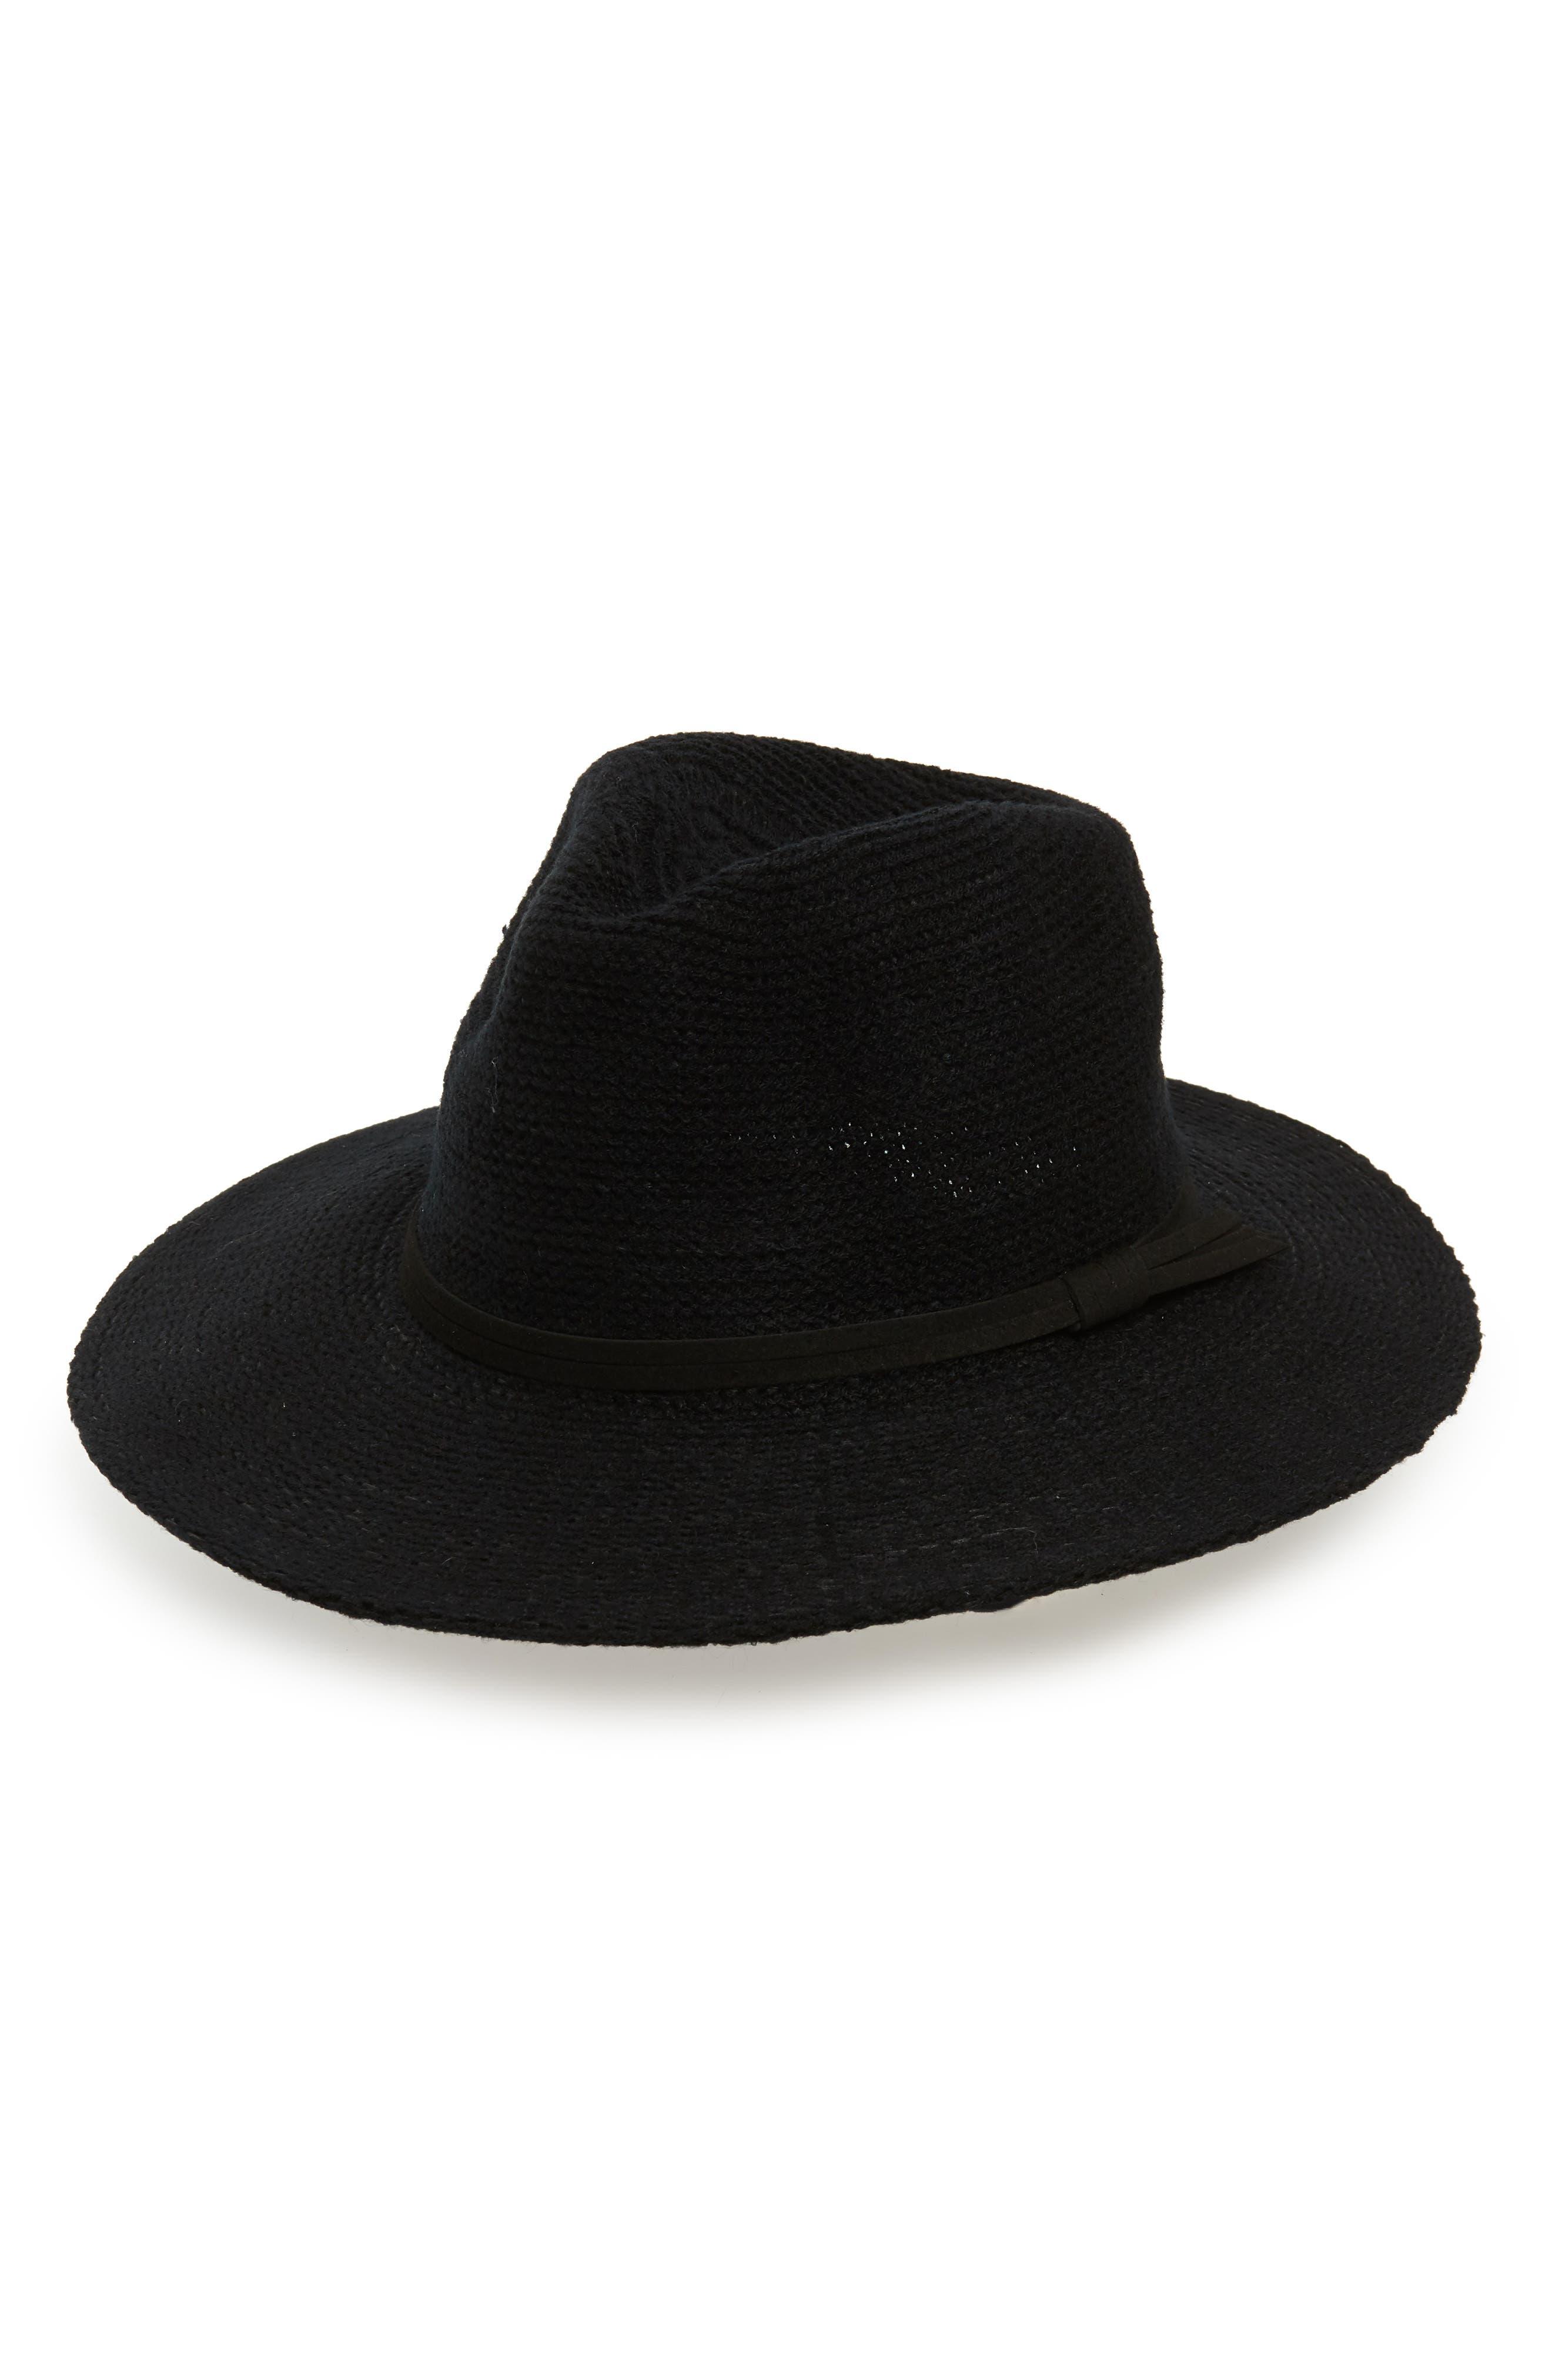 Packable Knit Panama Hat,                         Main,                         color, BLACK